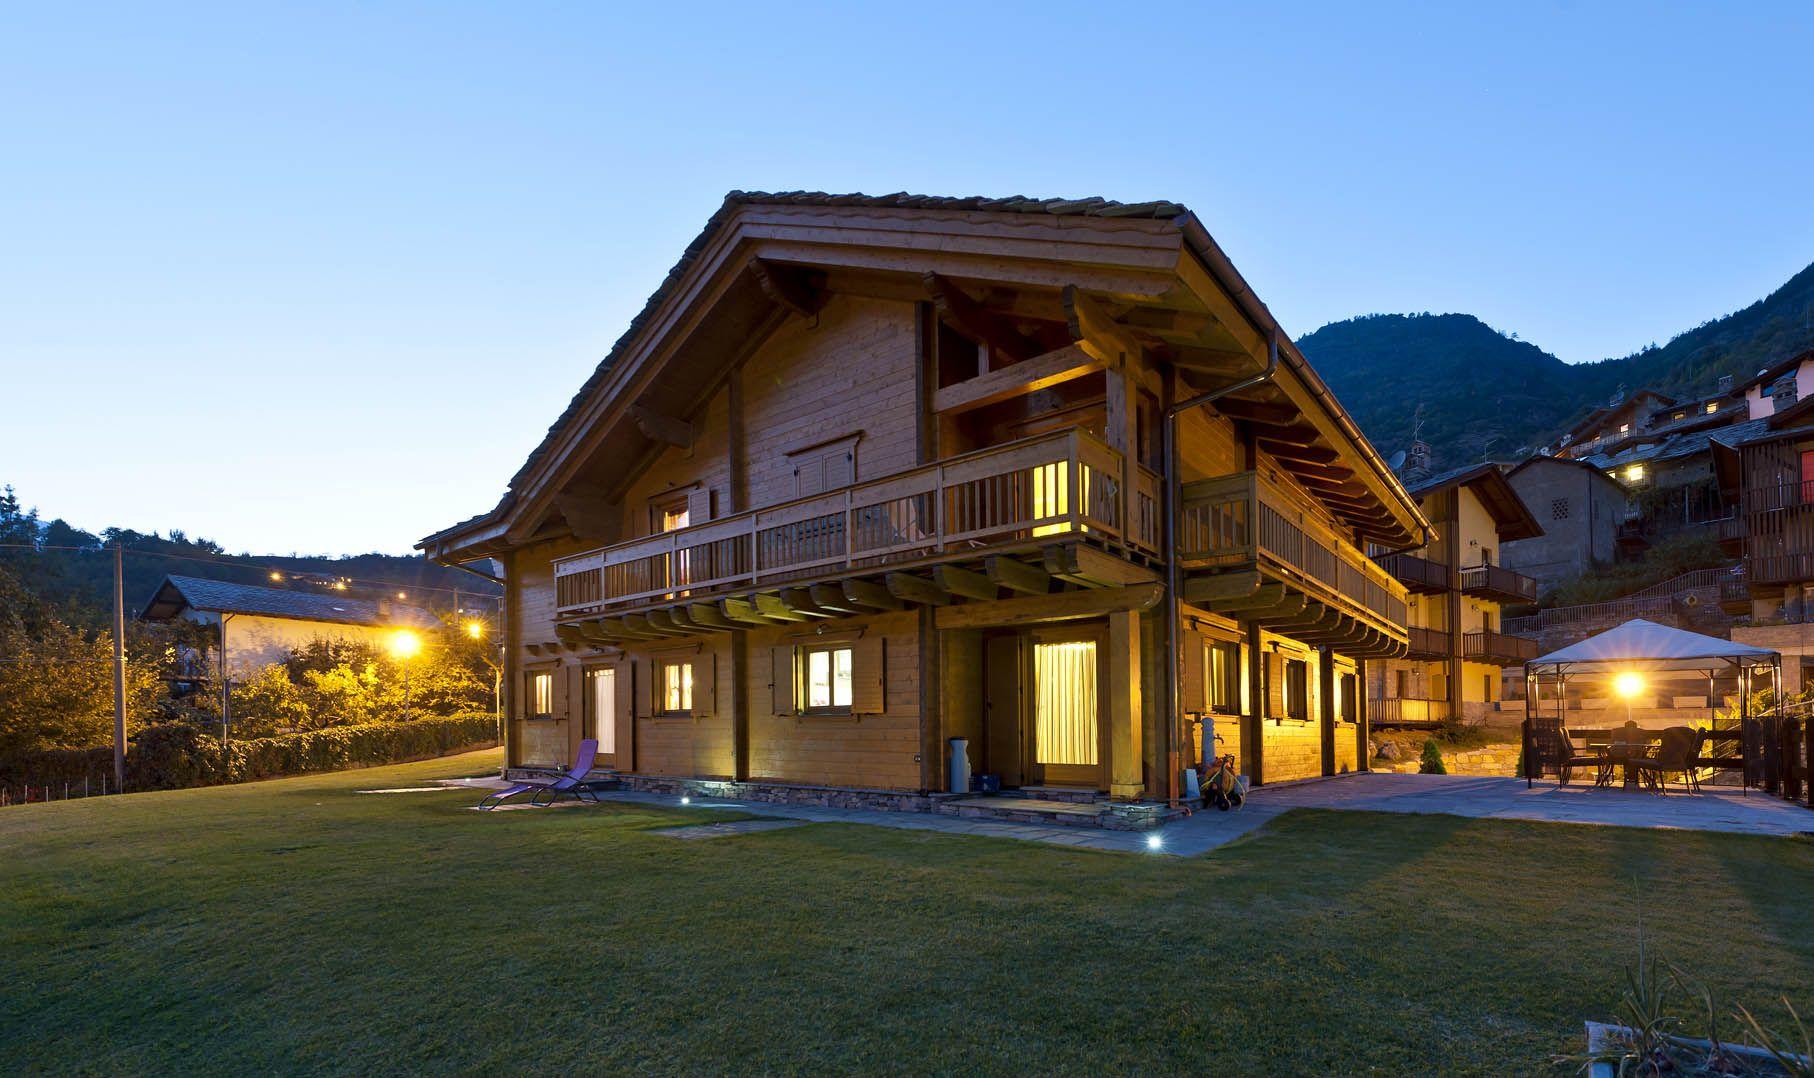 Architettura eco sostenibile casa rubner 100 pinterest for Eco architettura